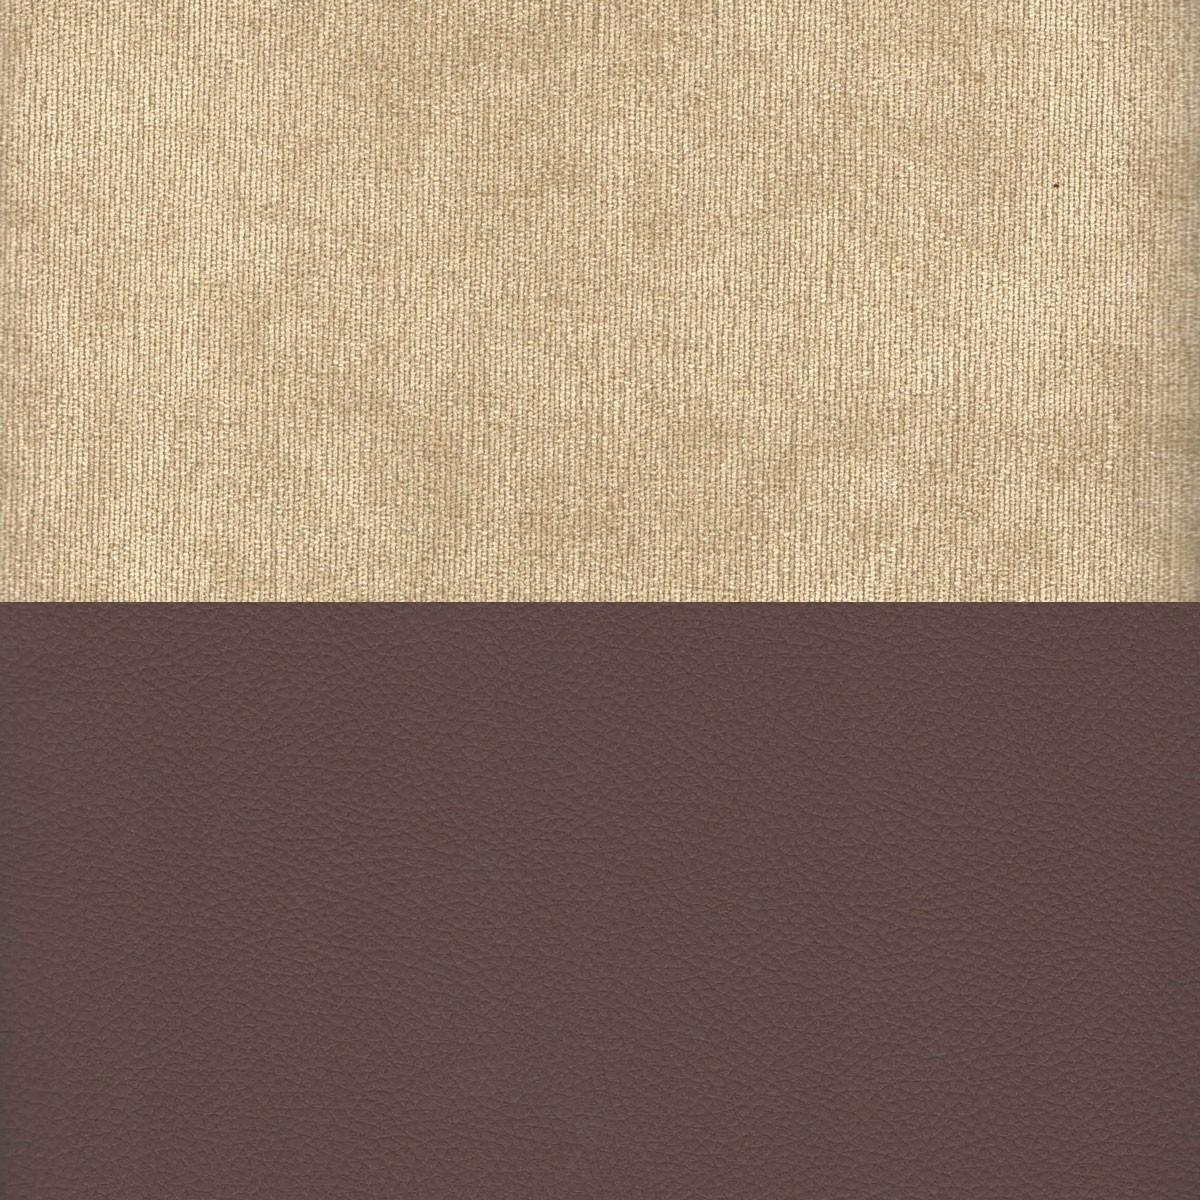 Вельвет бежевый Экокожа коричневый